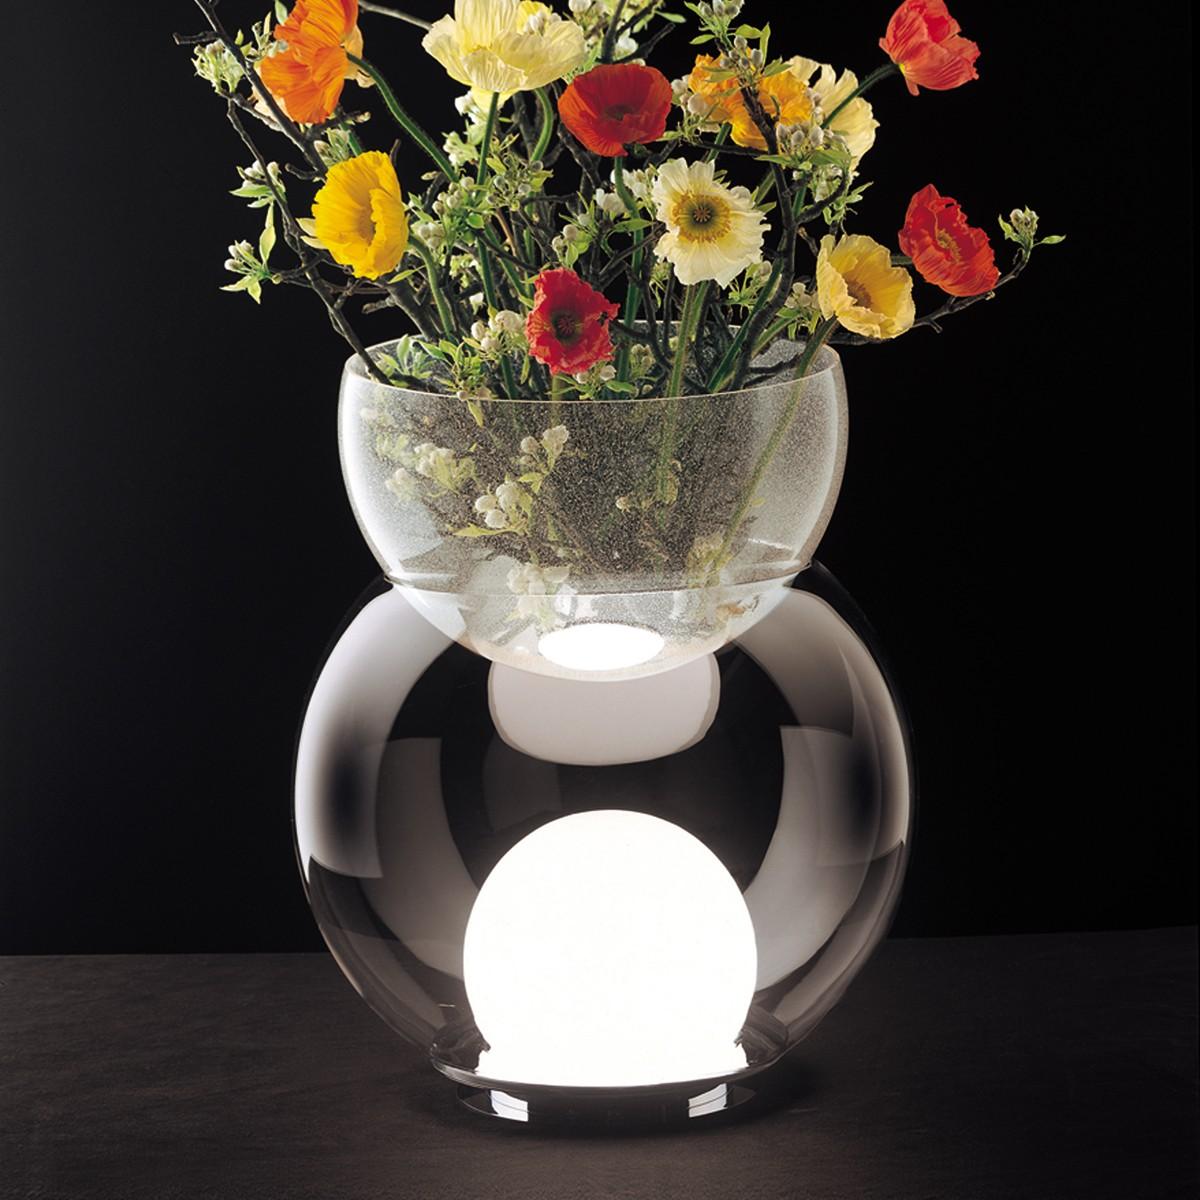 Fontana Arte Giova Tischleuchte, Höhe: 37 cm, Glas